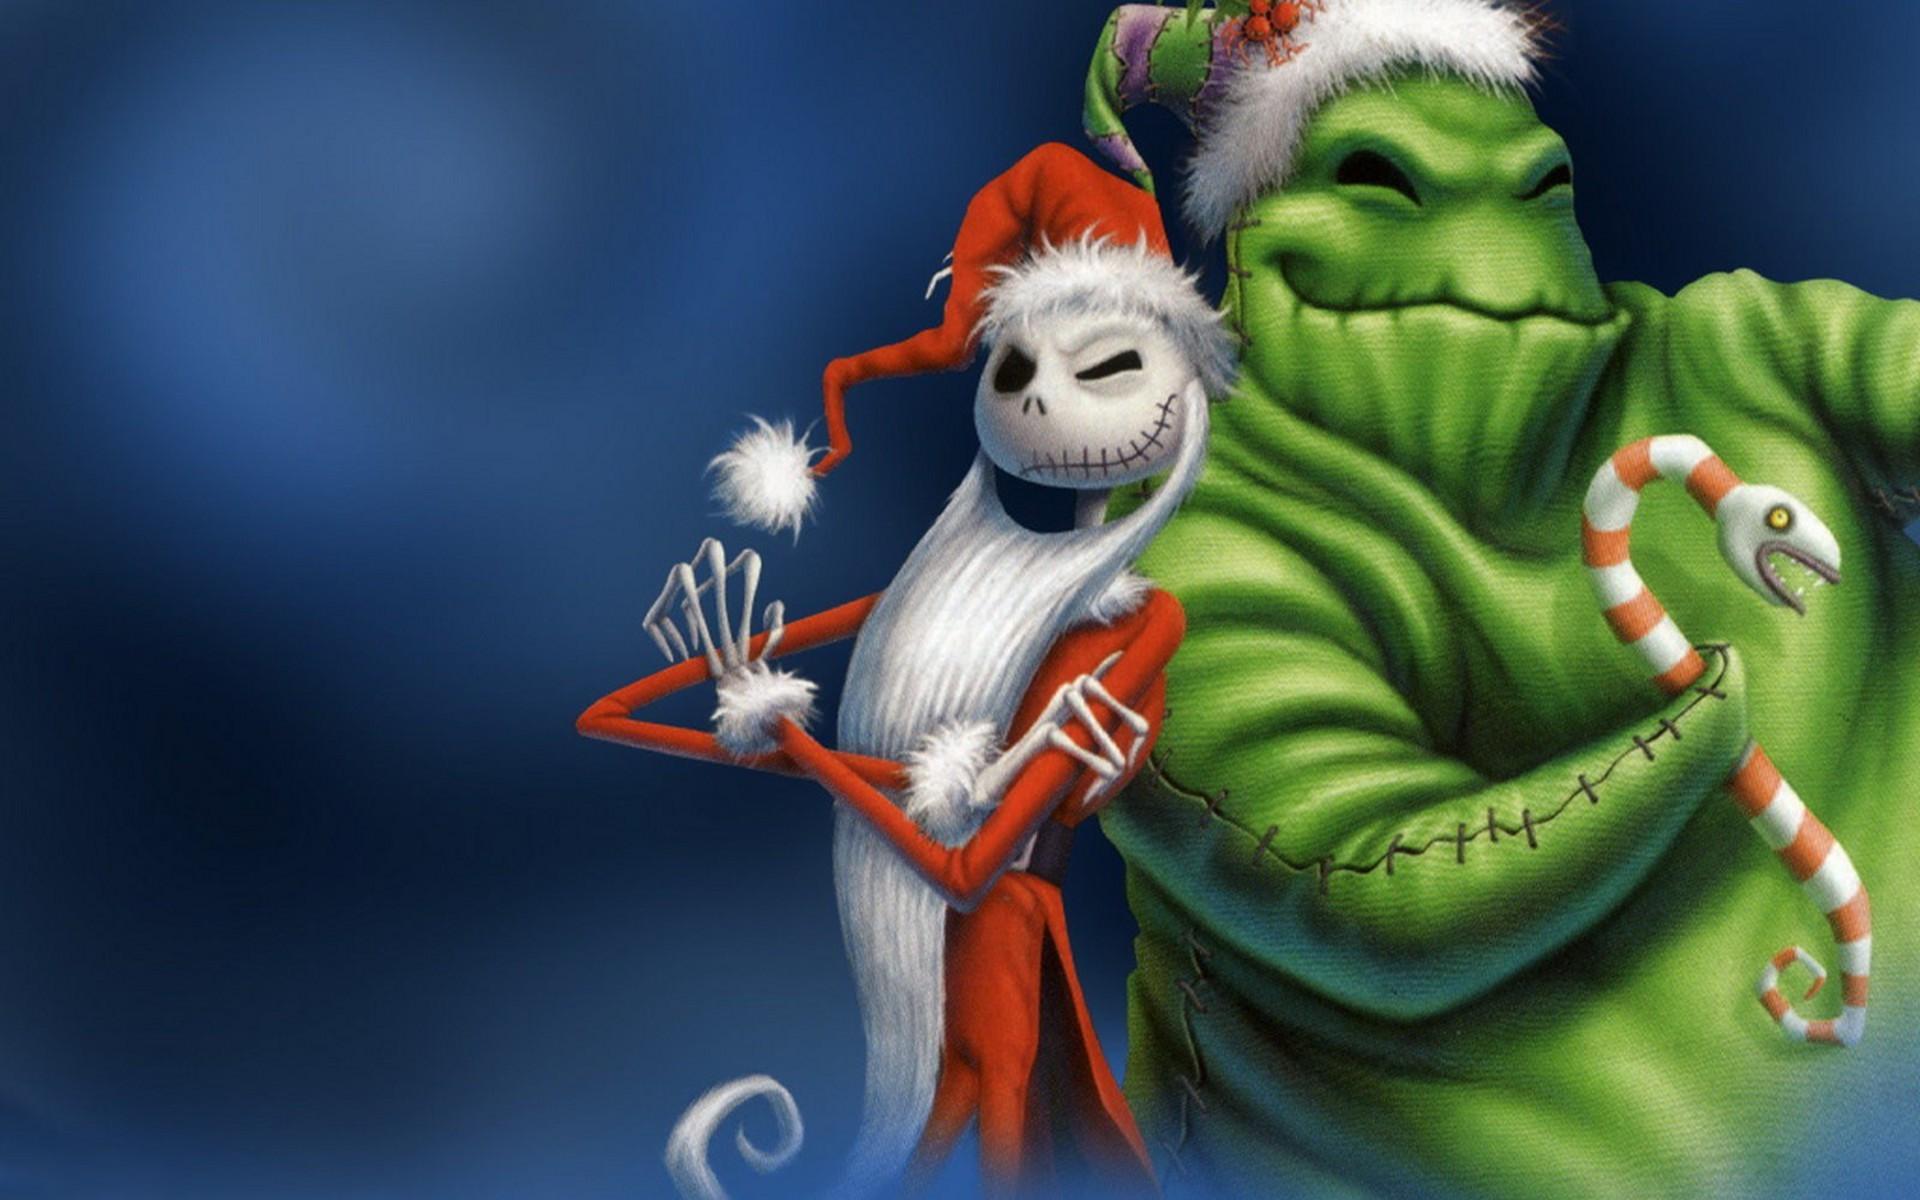 Before Christmas – Immagine per sfondi ad alta risoluzione di Natale .